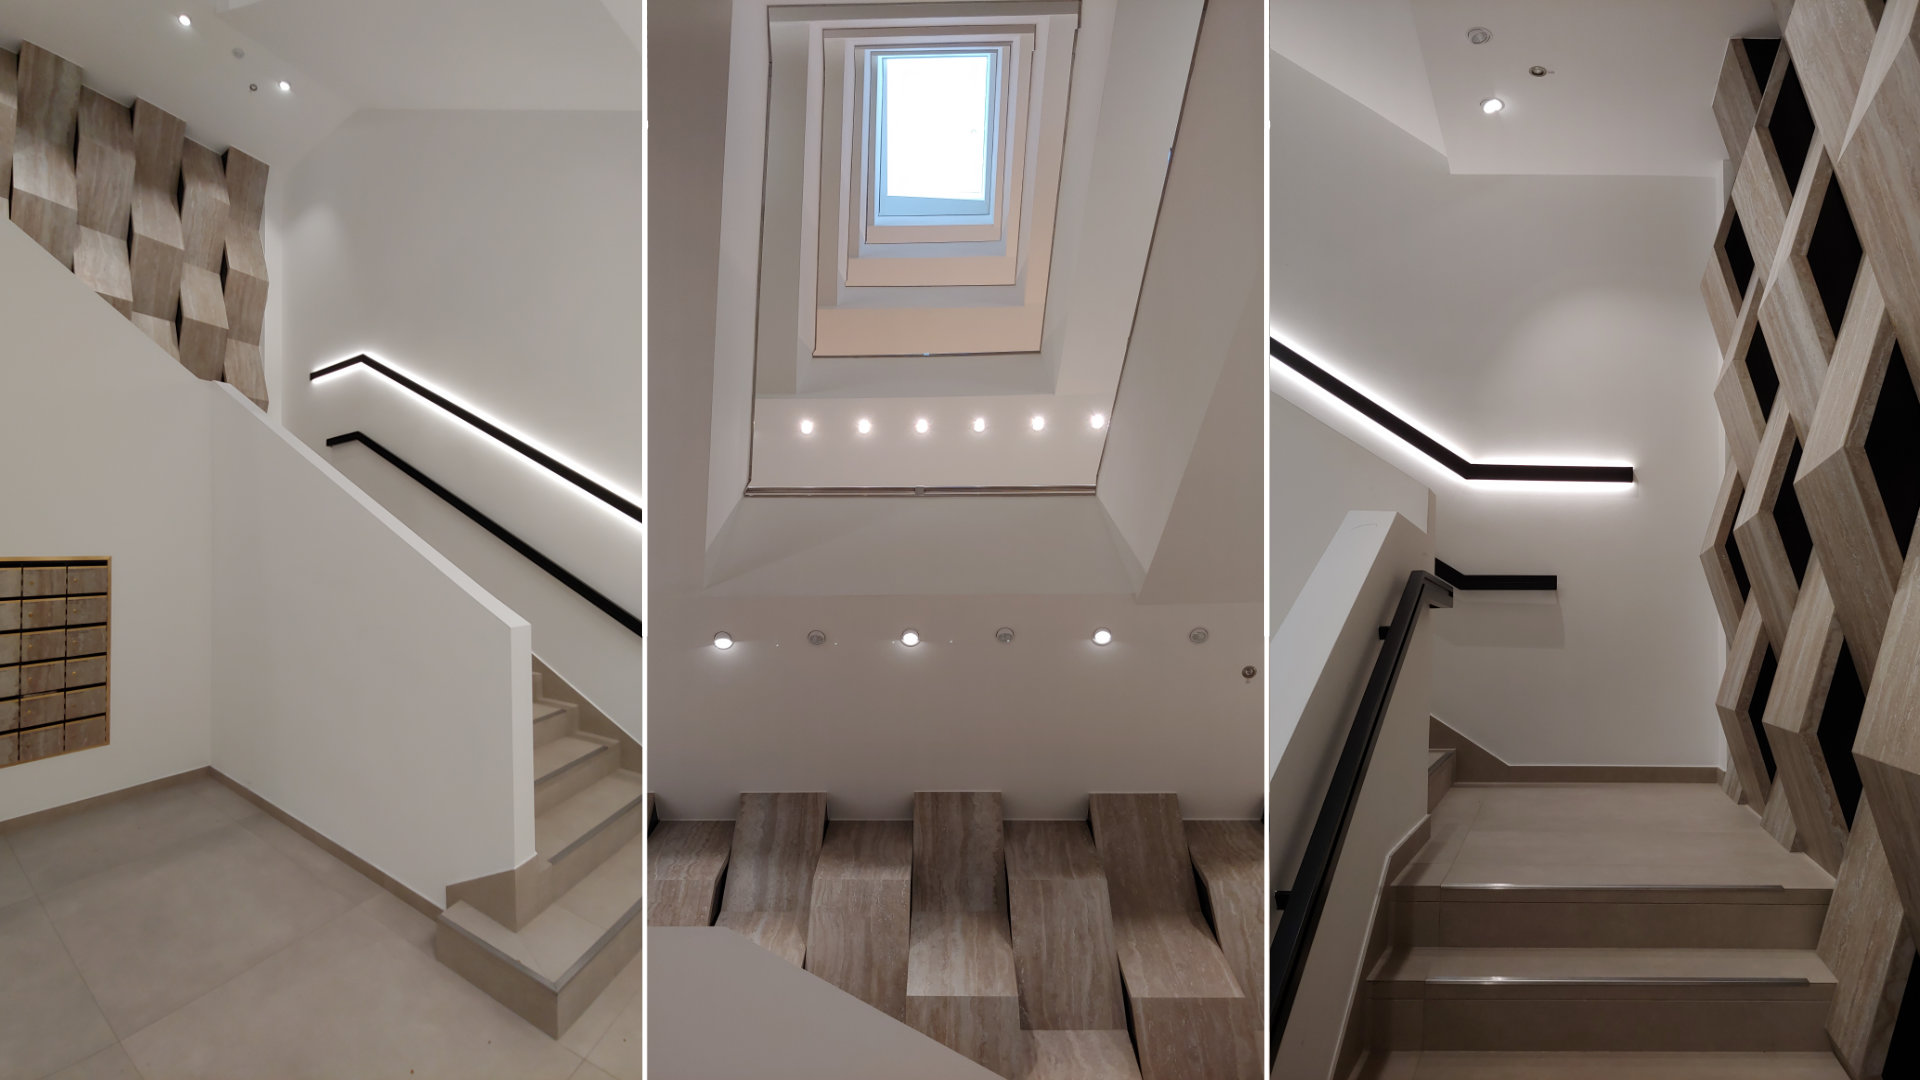 MAASS-Lichtplanung_Foyerbeleuchtung Rappolt Haus__MAASS-Moenkebergstrasse11-004